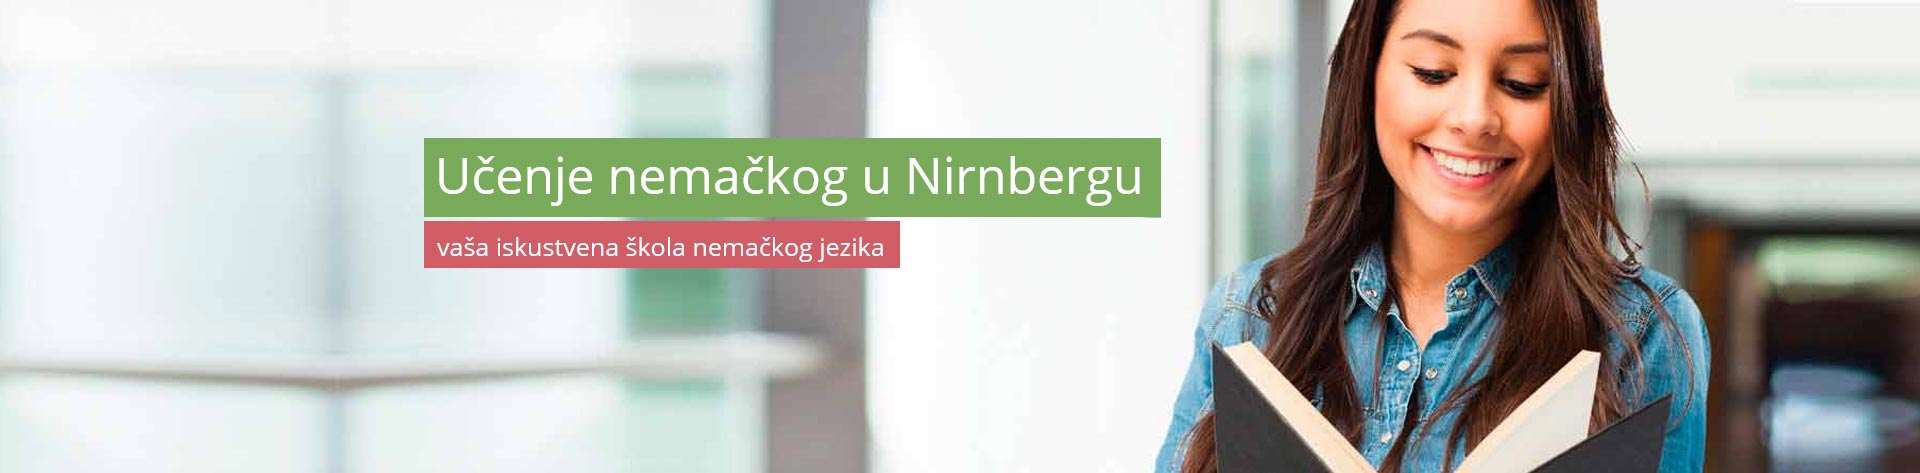 Učenje nemačkog u Nirnbergu – vaša iskustvena škola nemačkog jezika